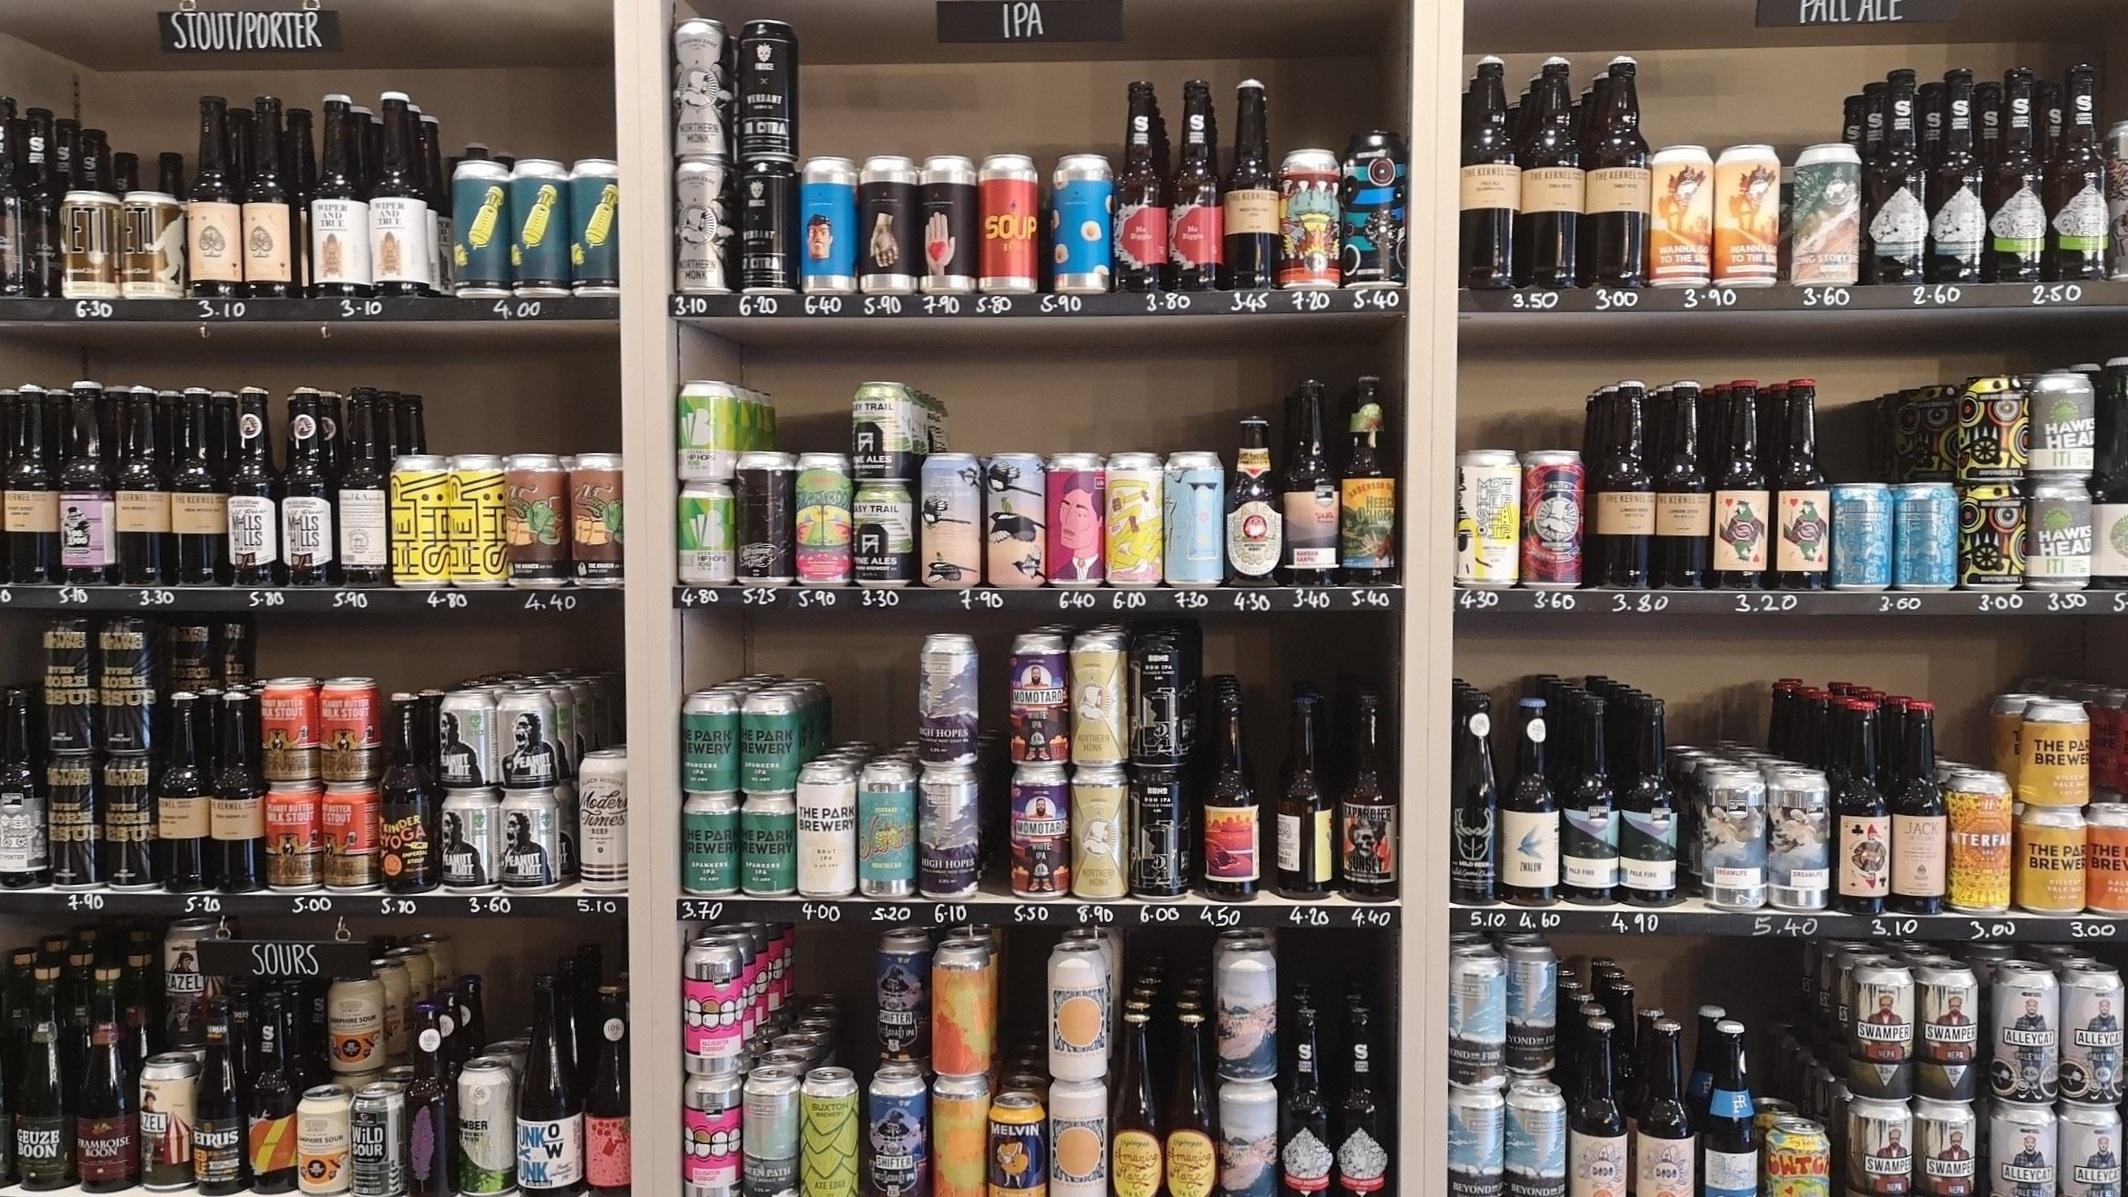 bottleshop-bottle-cans-kingston-craft-beer